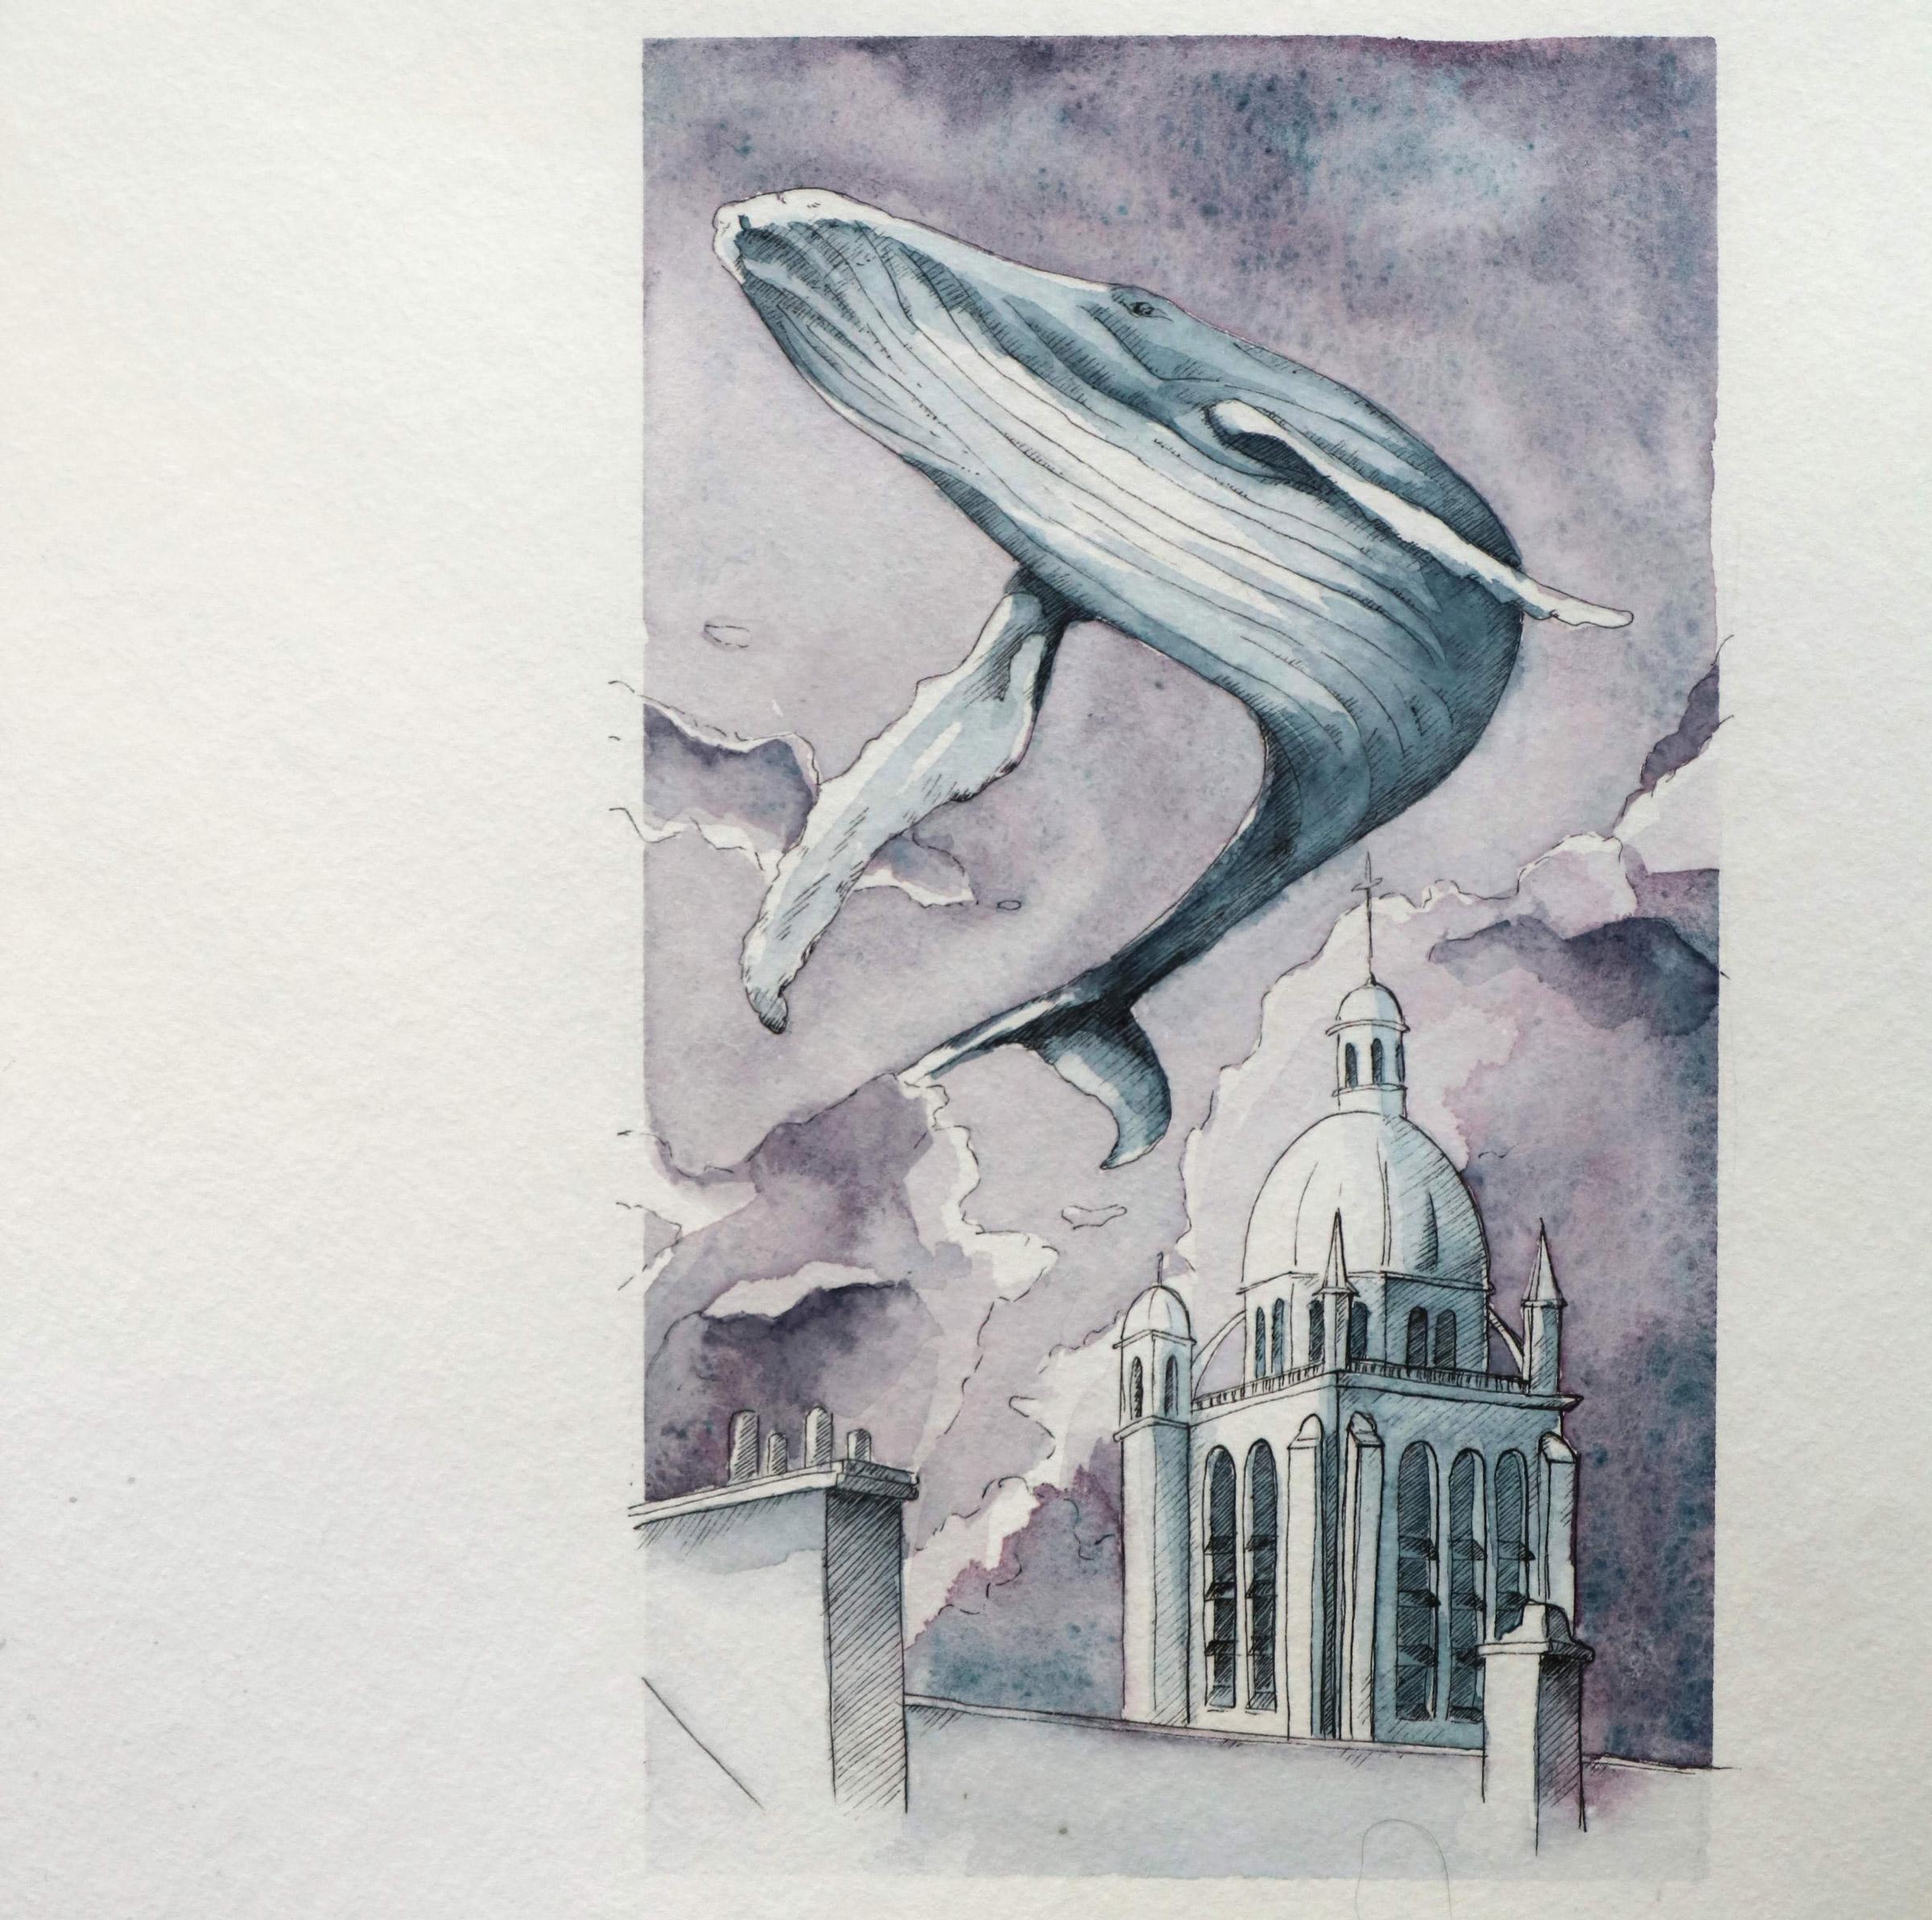 Der Wal schwebt über der Kathedrale Notre Dame des Miracles in Orleans durch den Abendhimmel.